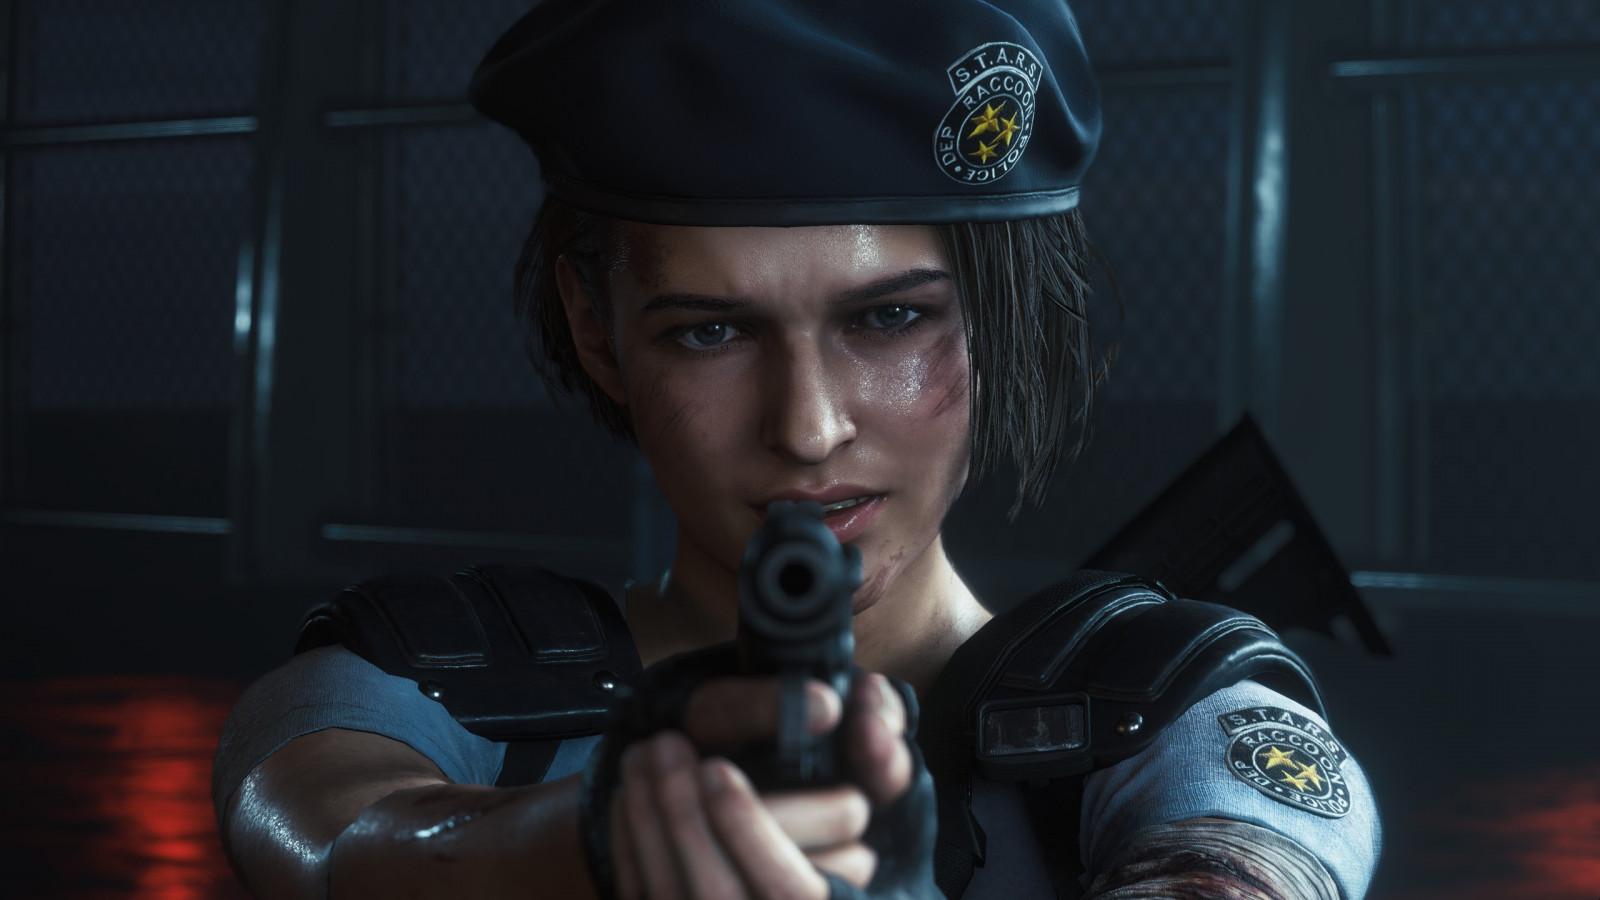 Wallpaper Resident Evil 3 Resident Evil Jill Valentine Video